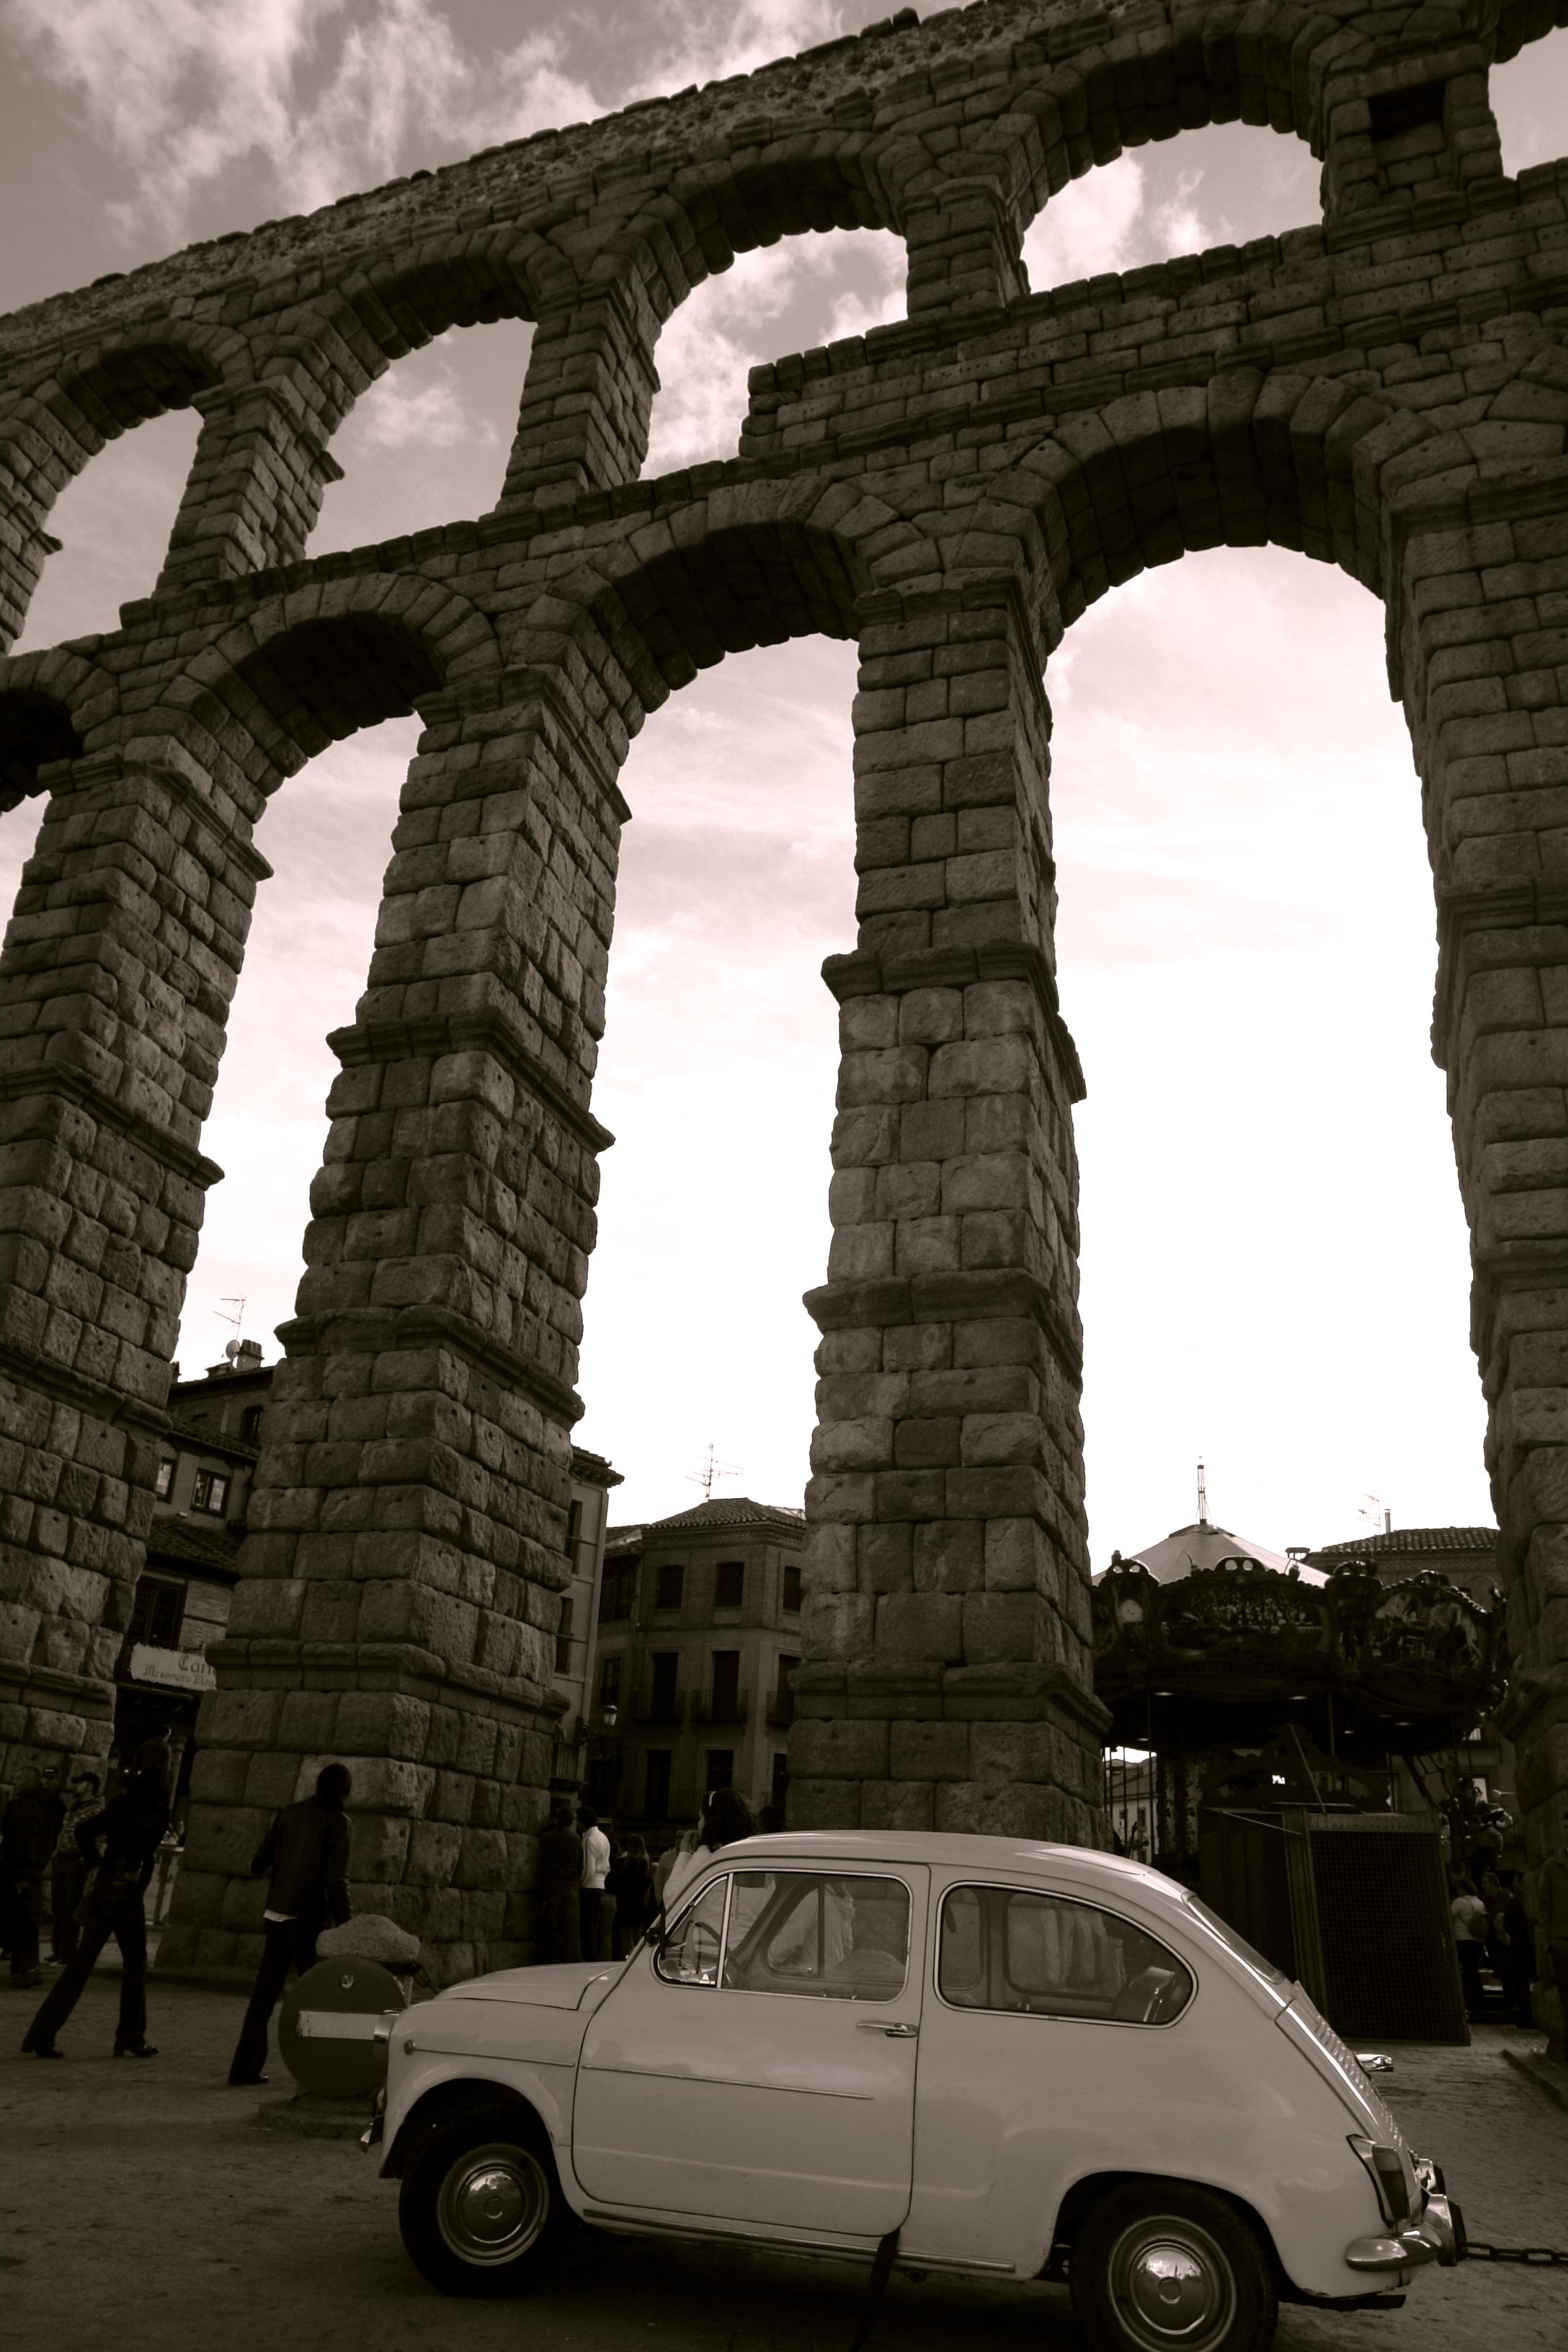 qué ver Segovia, España qué ver en segovia - 30289236934 1abe3c376e o - Qué ver en Segovia, España